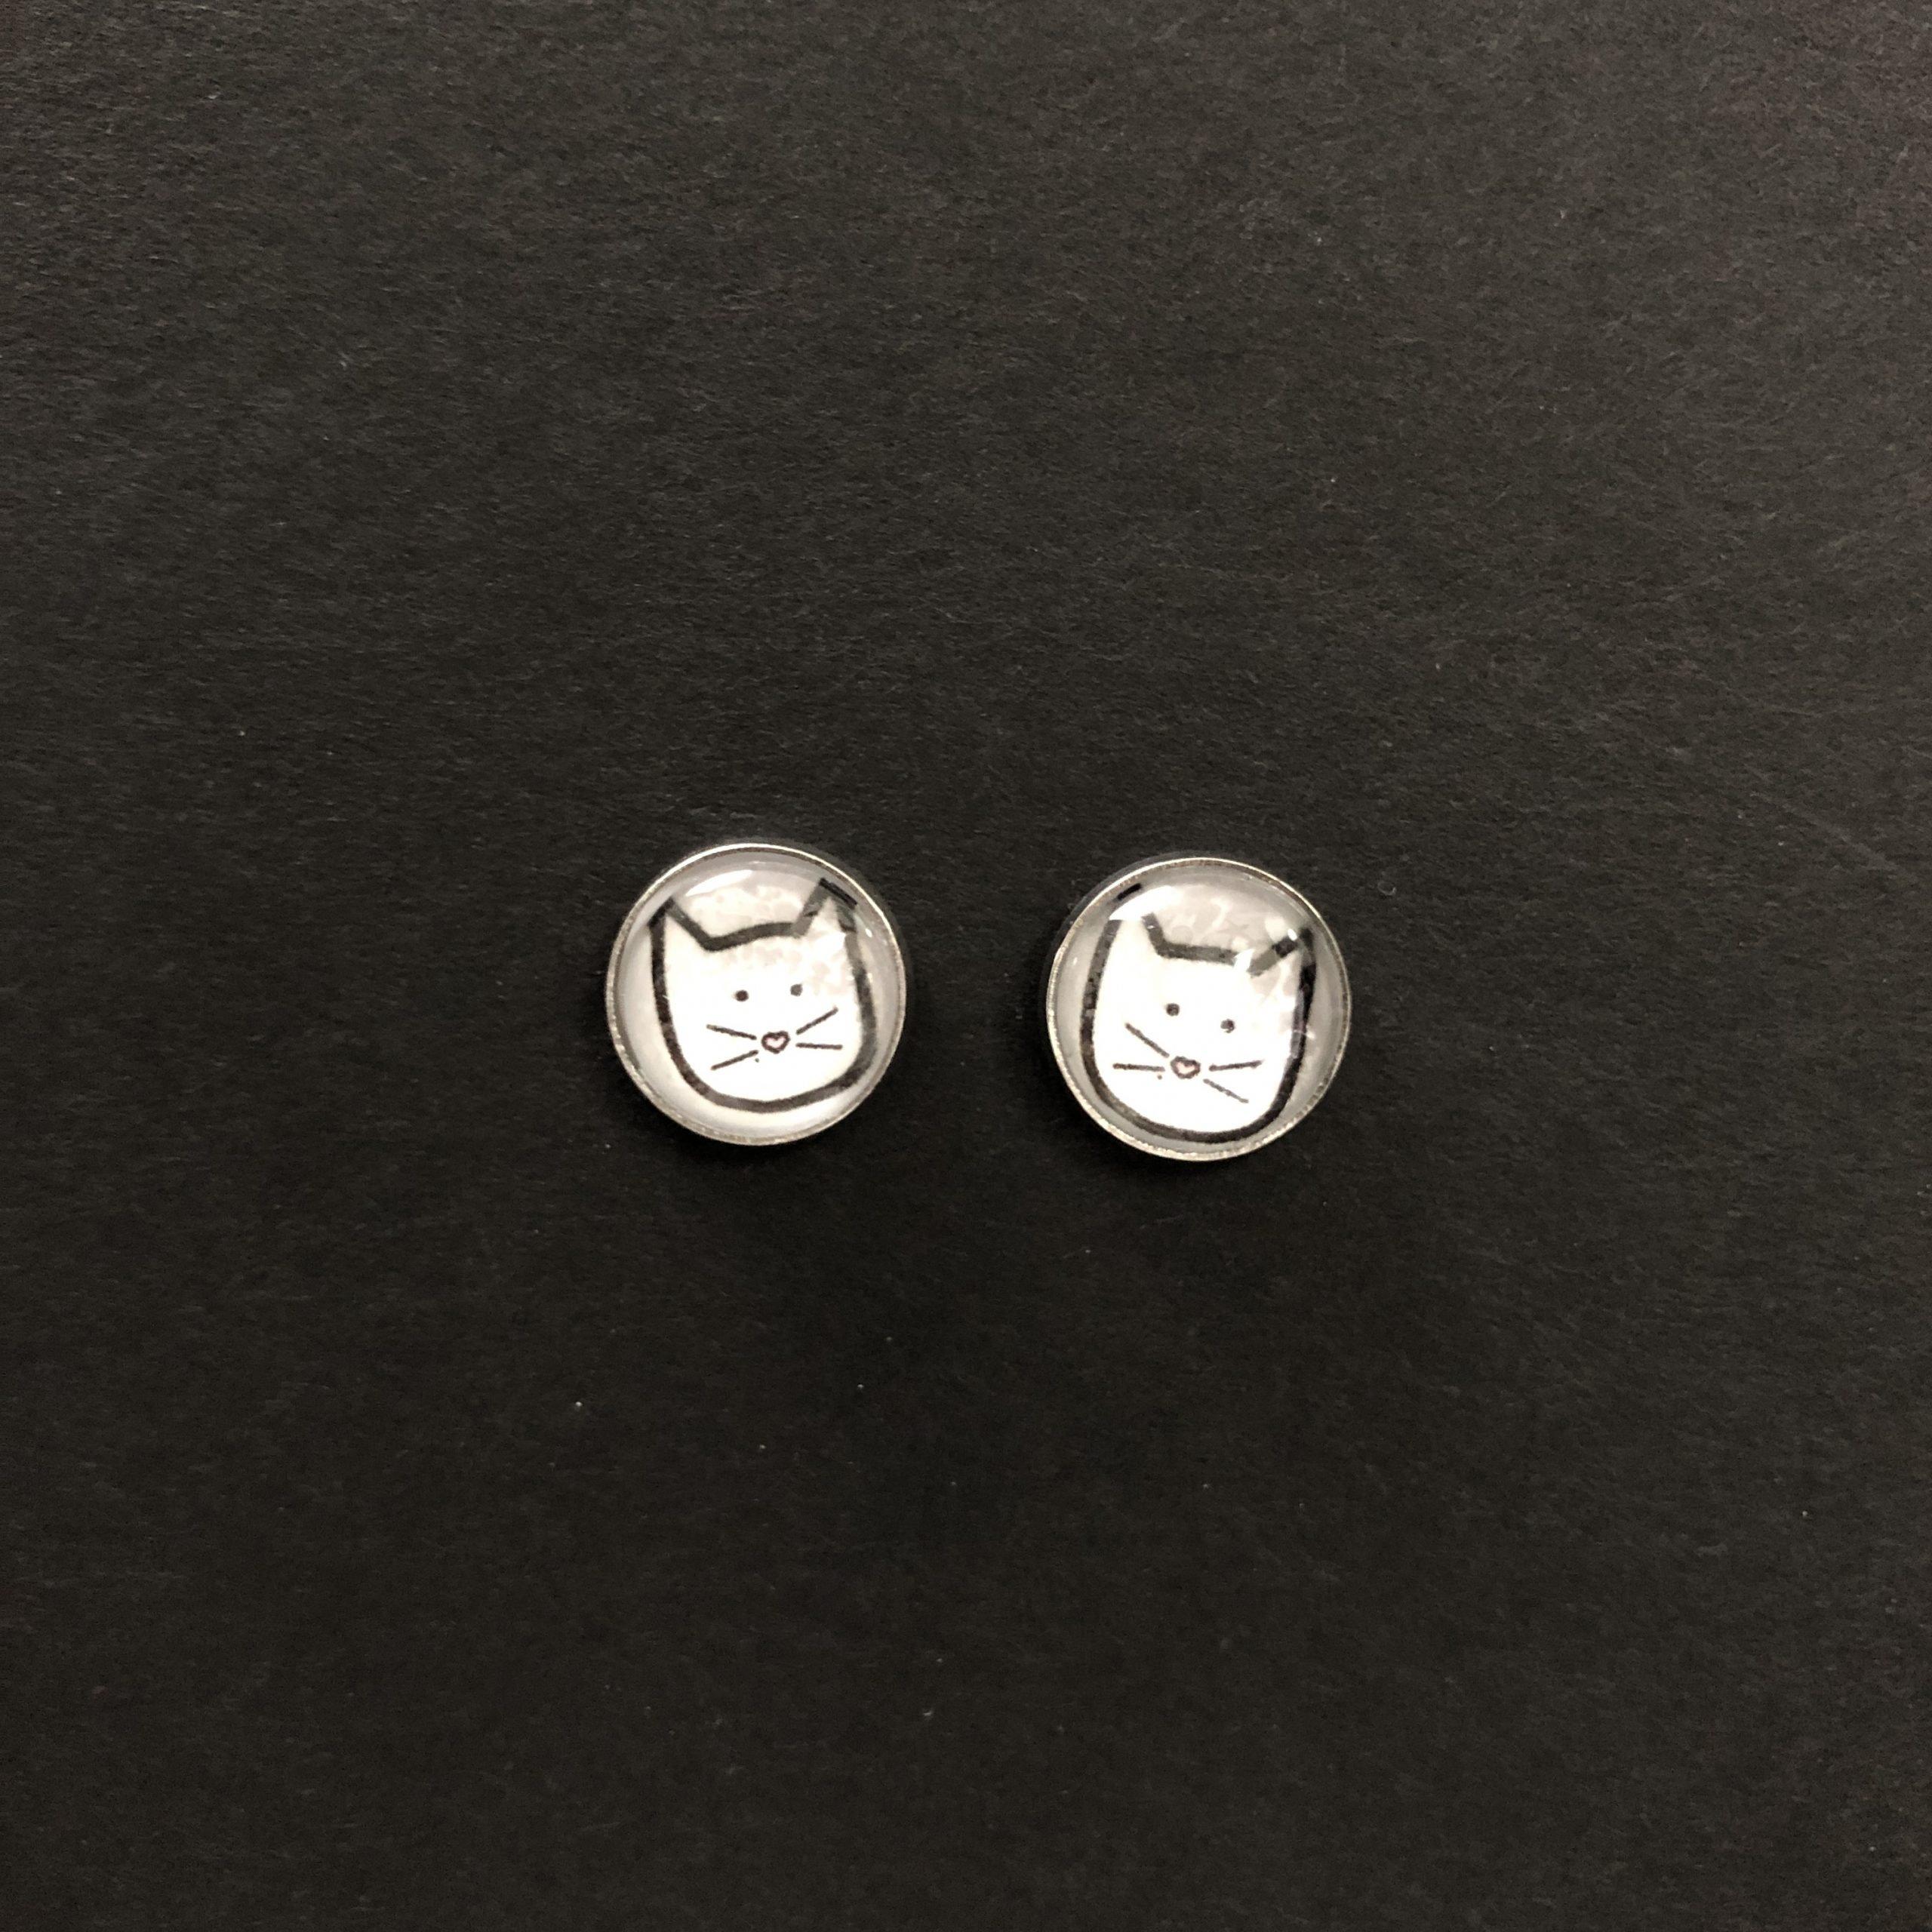 Stick Kitty earrings